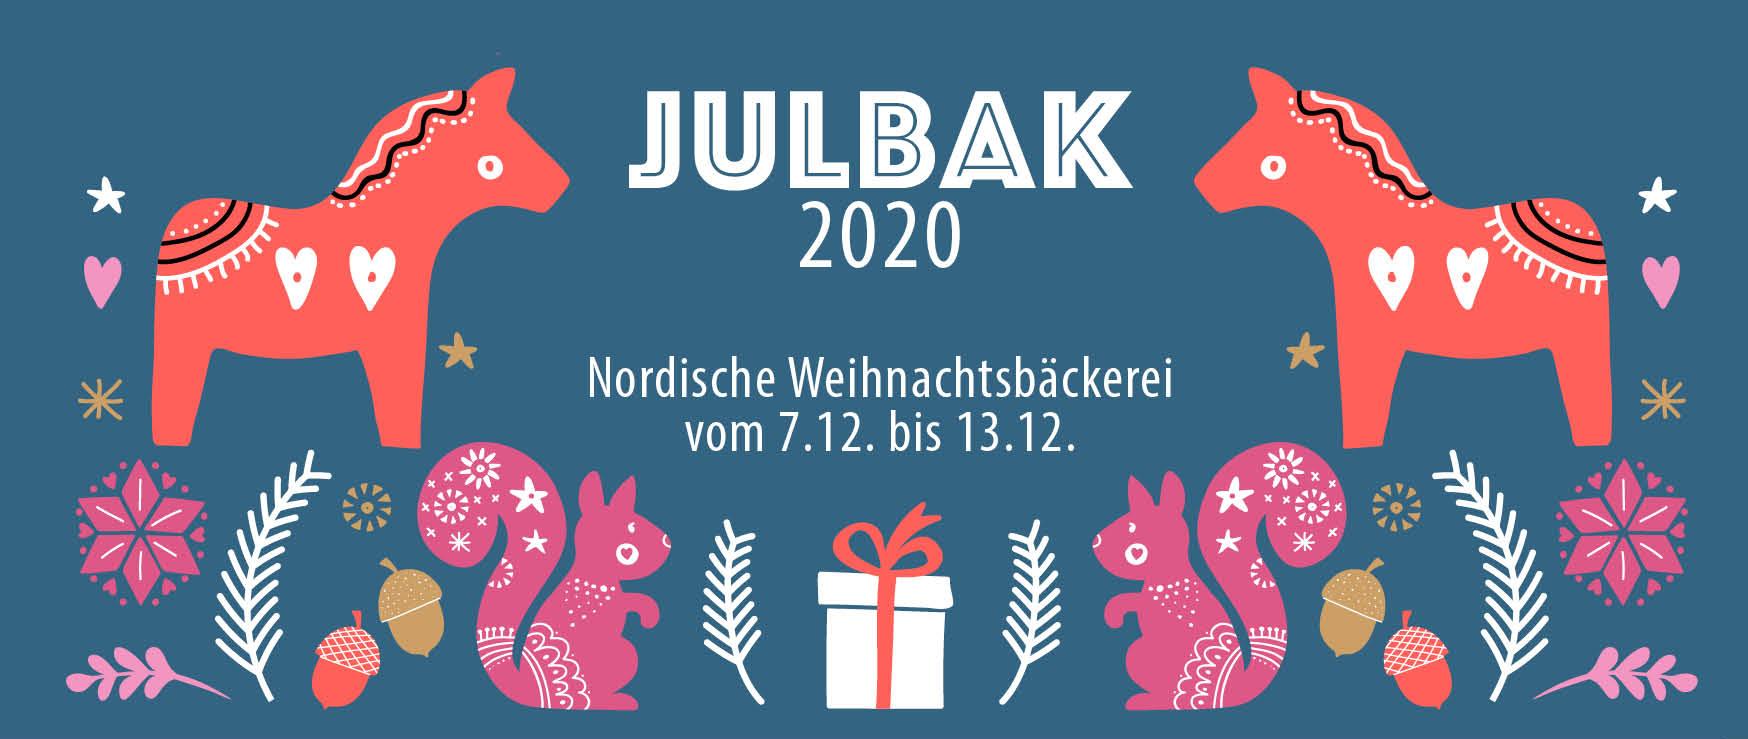 Julbak2020